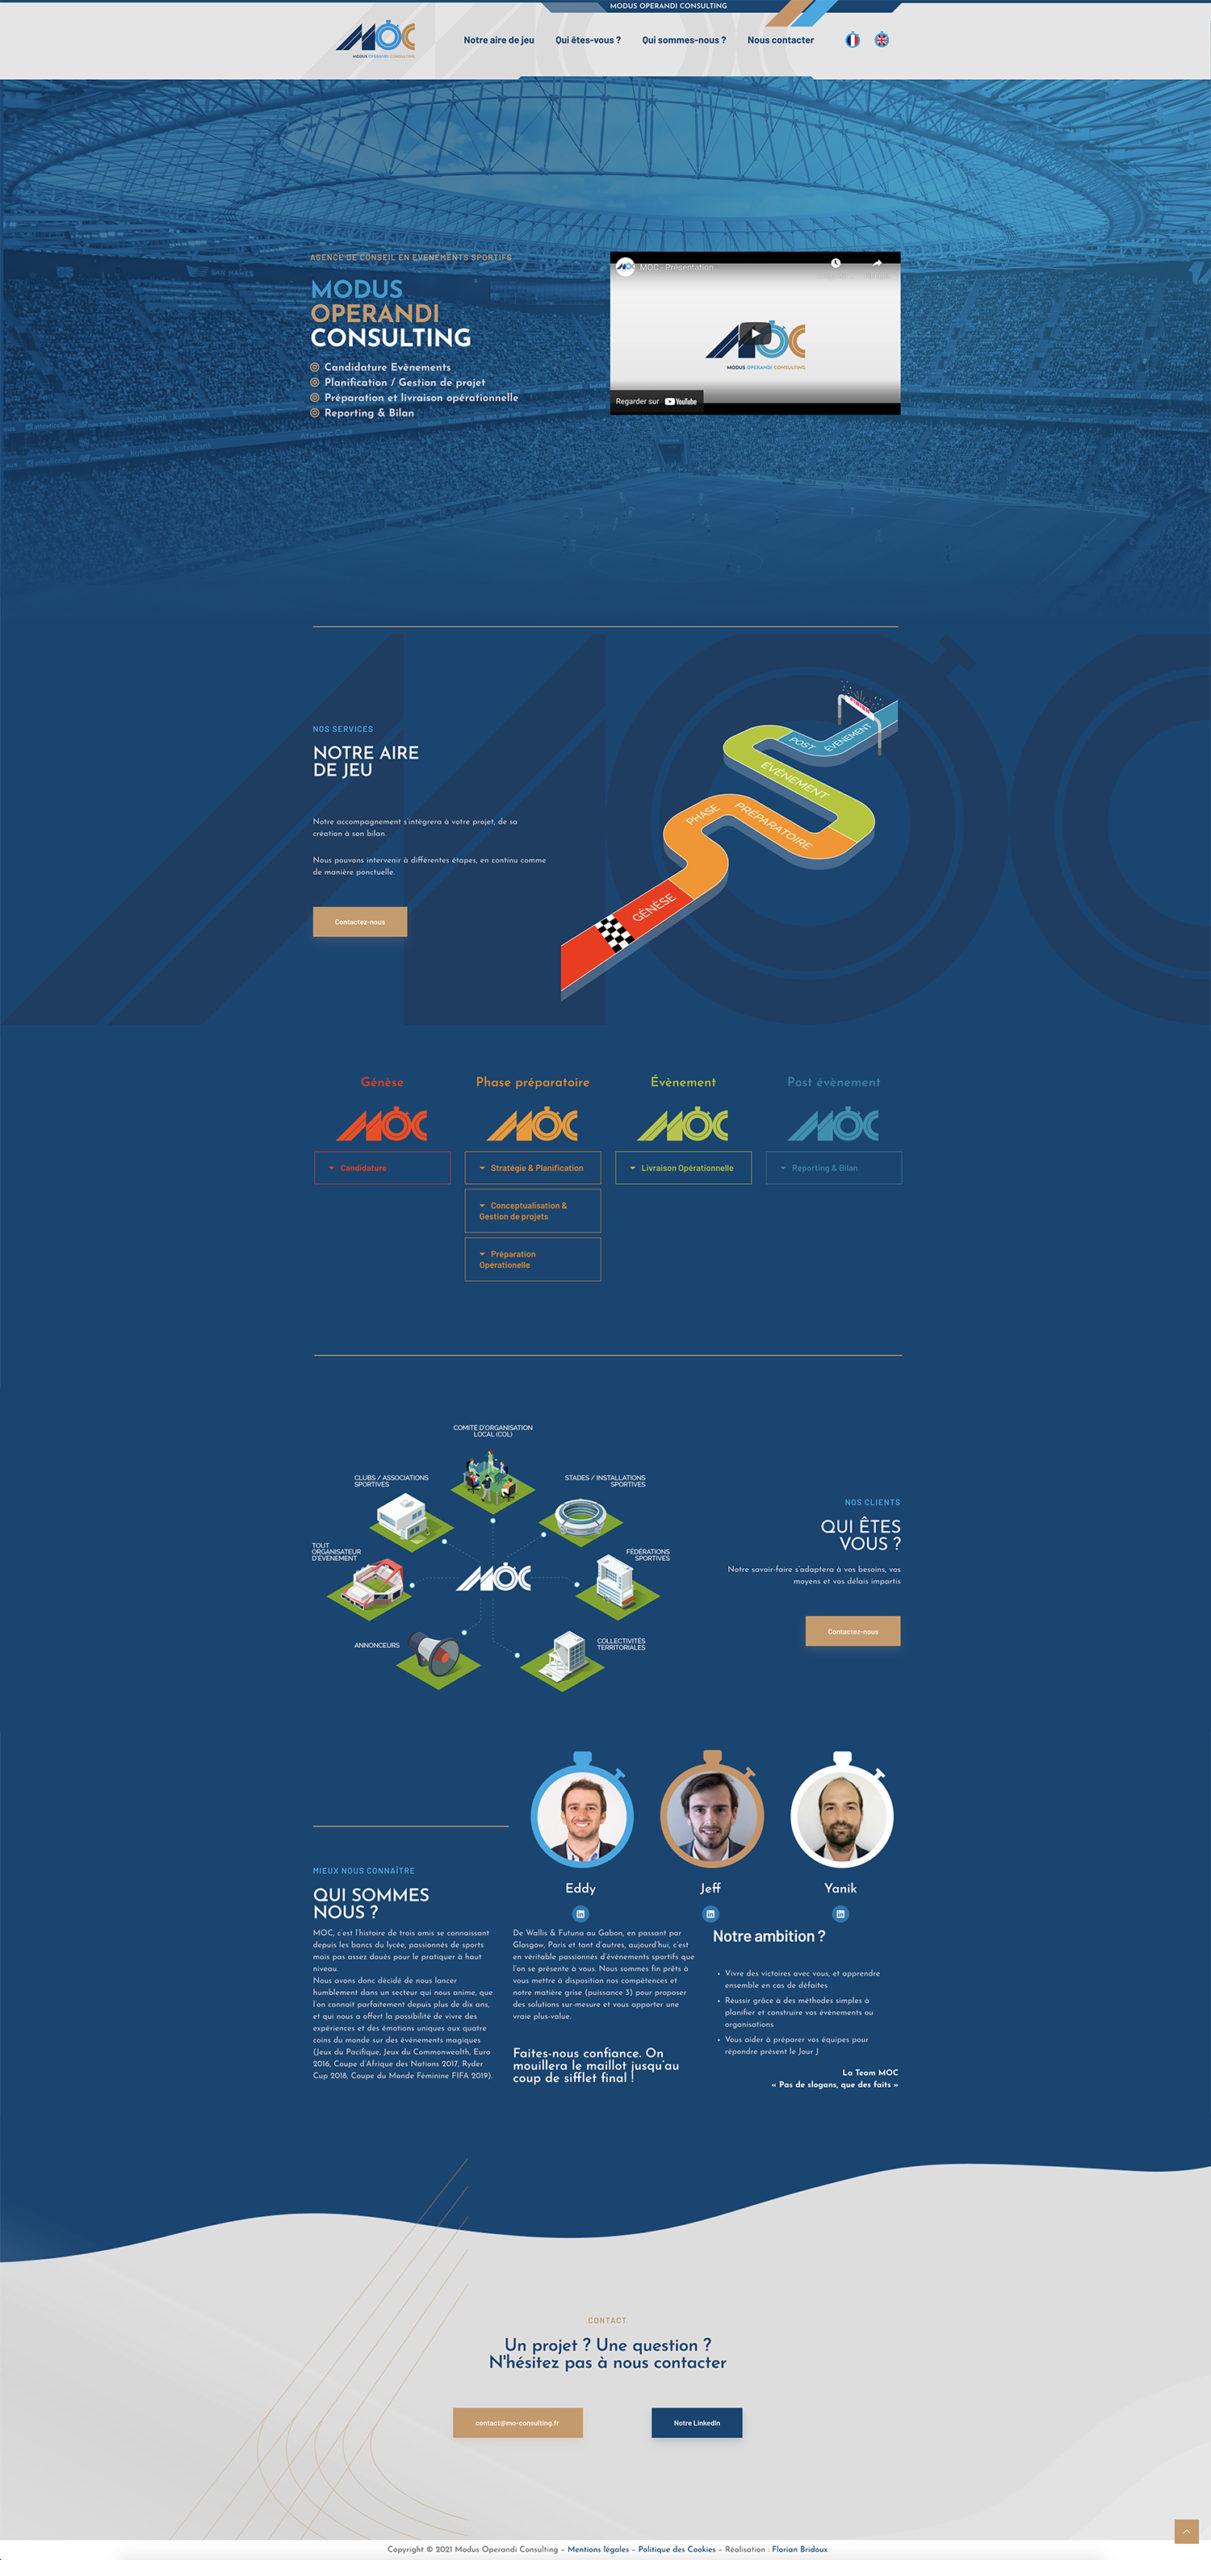 webdesign MOC